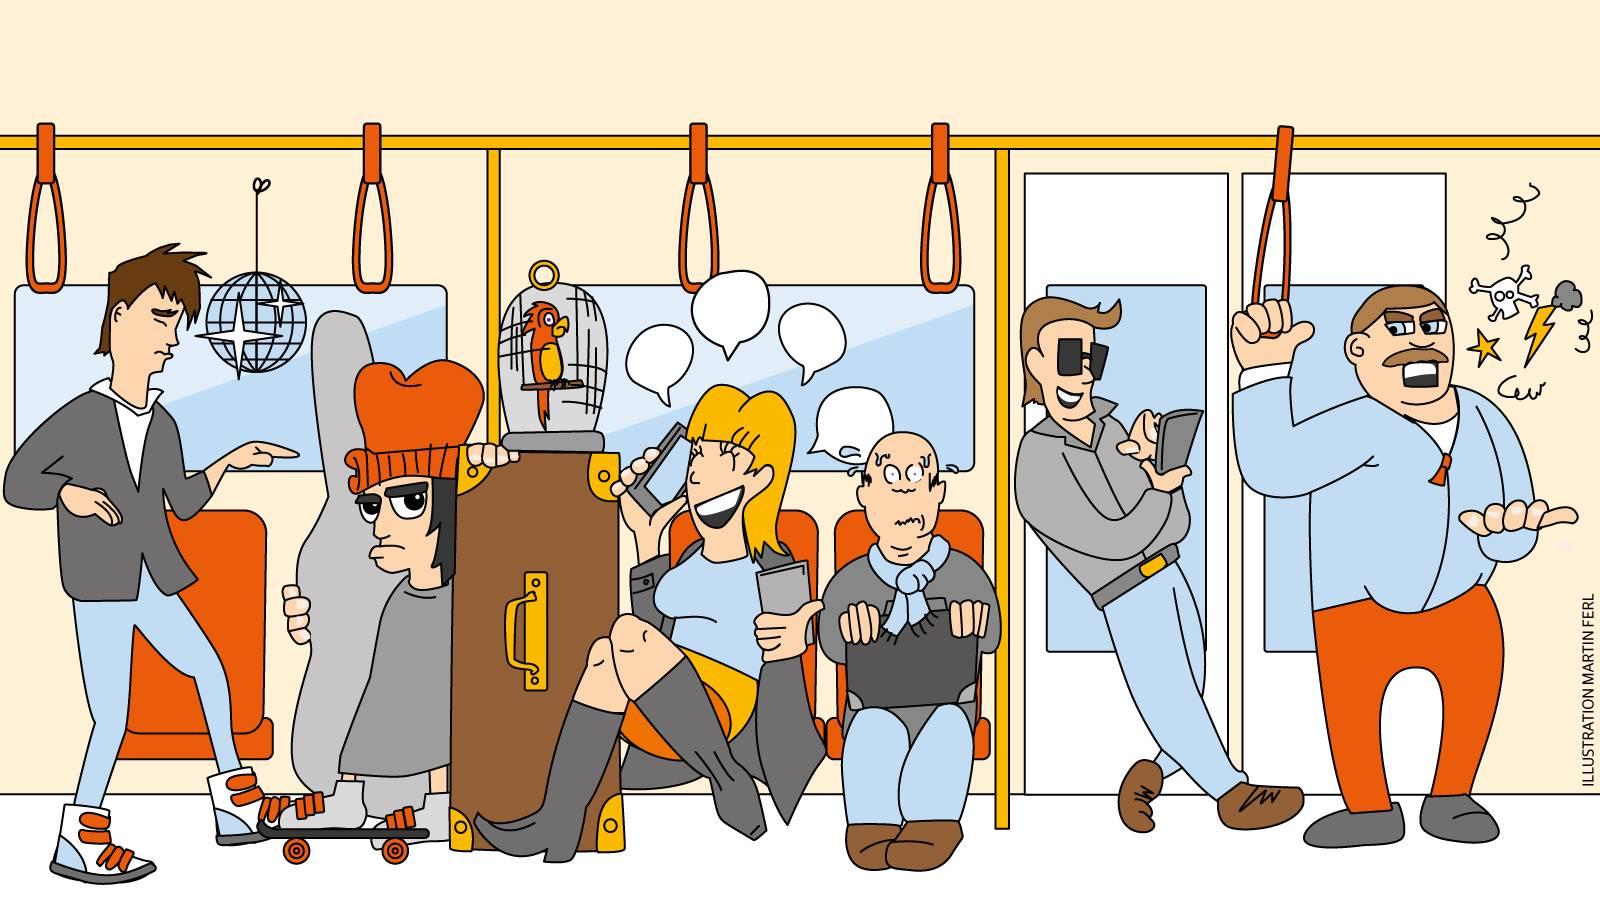 Dusseldorf Das Sind Die Nervigsten Typen In Bussen Und Bahnen